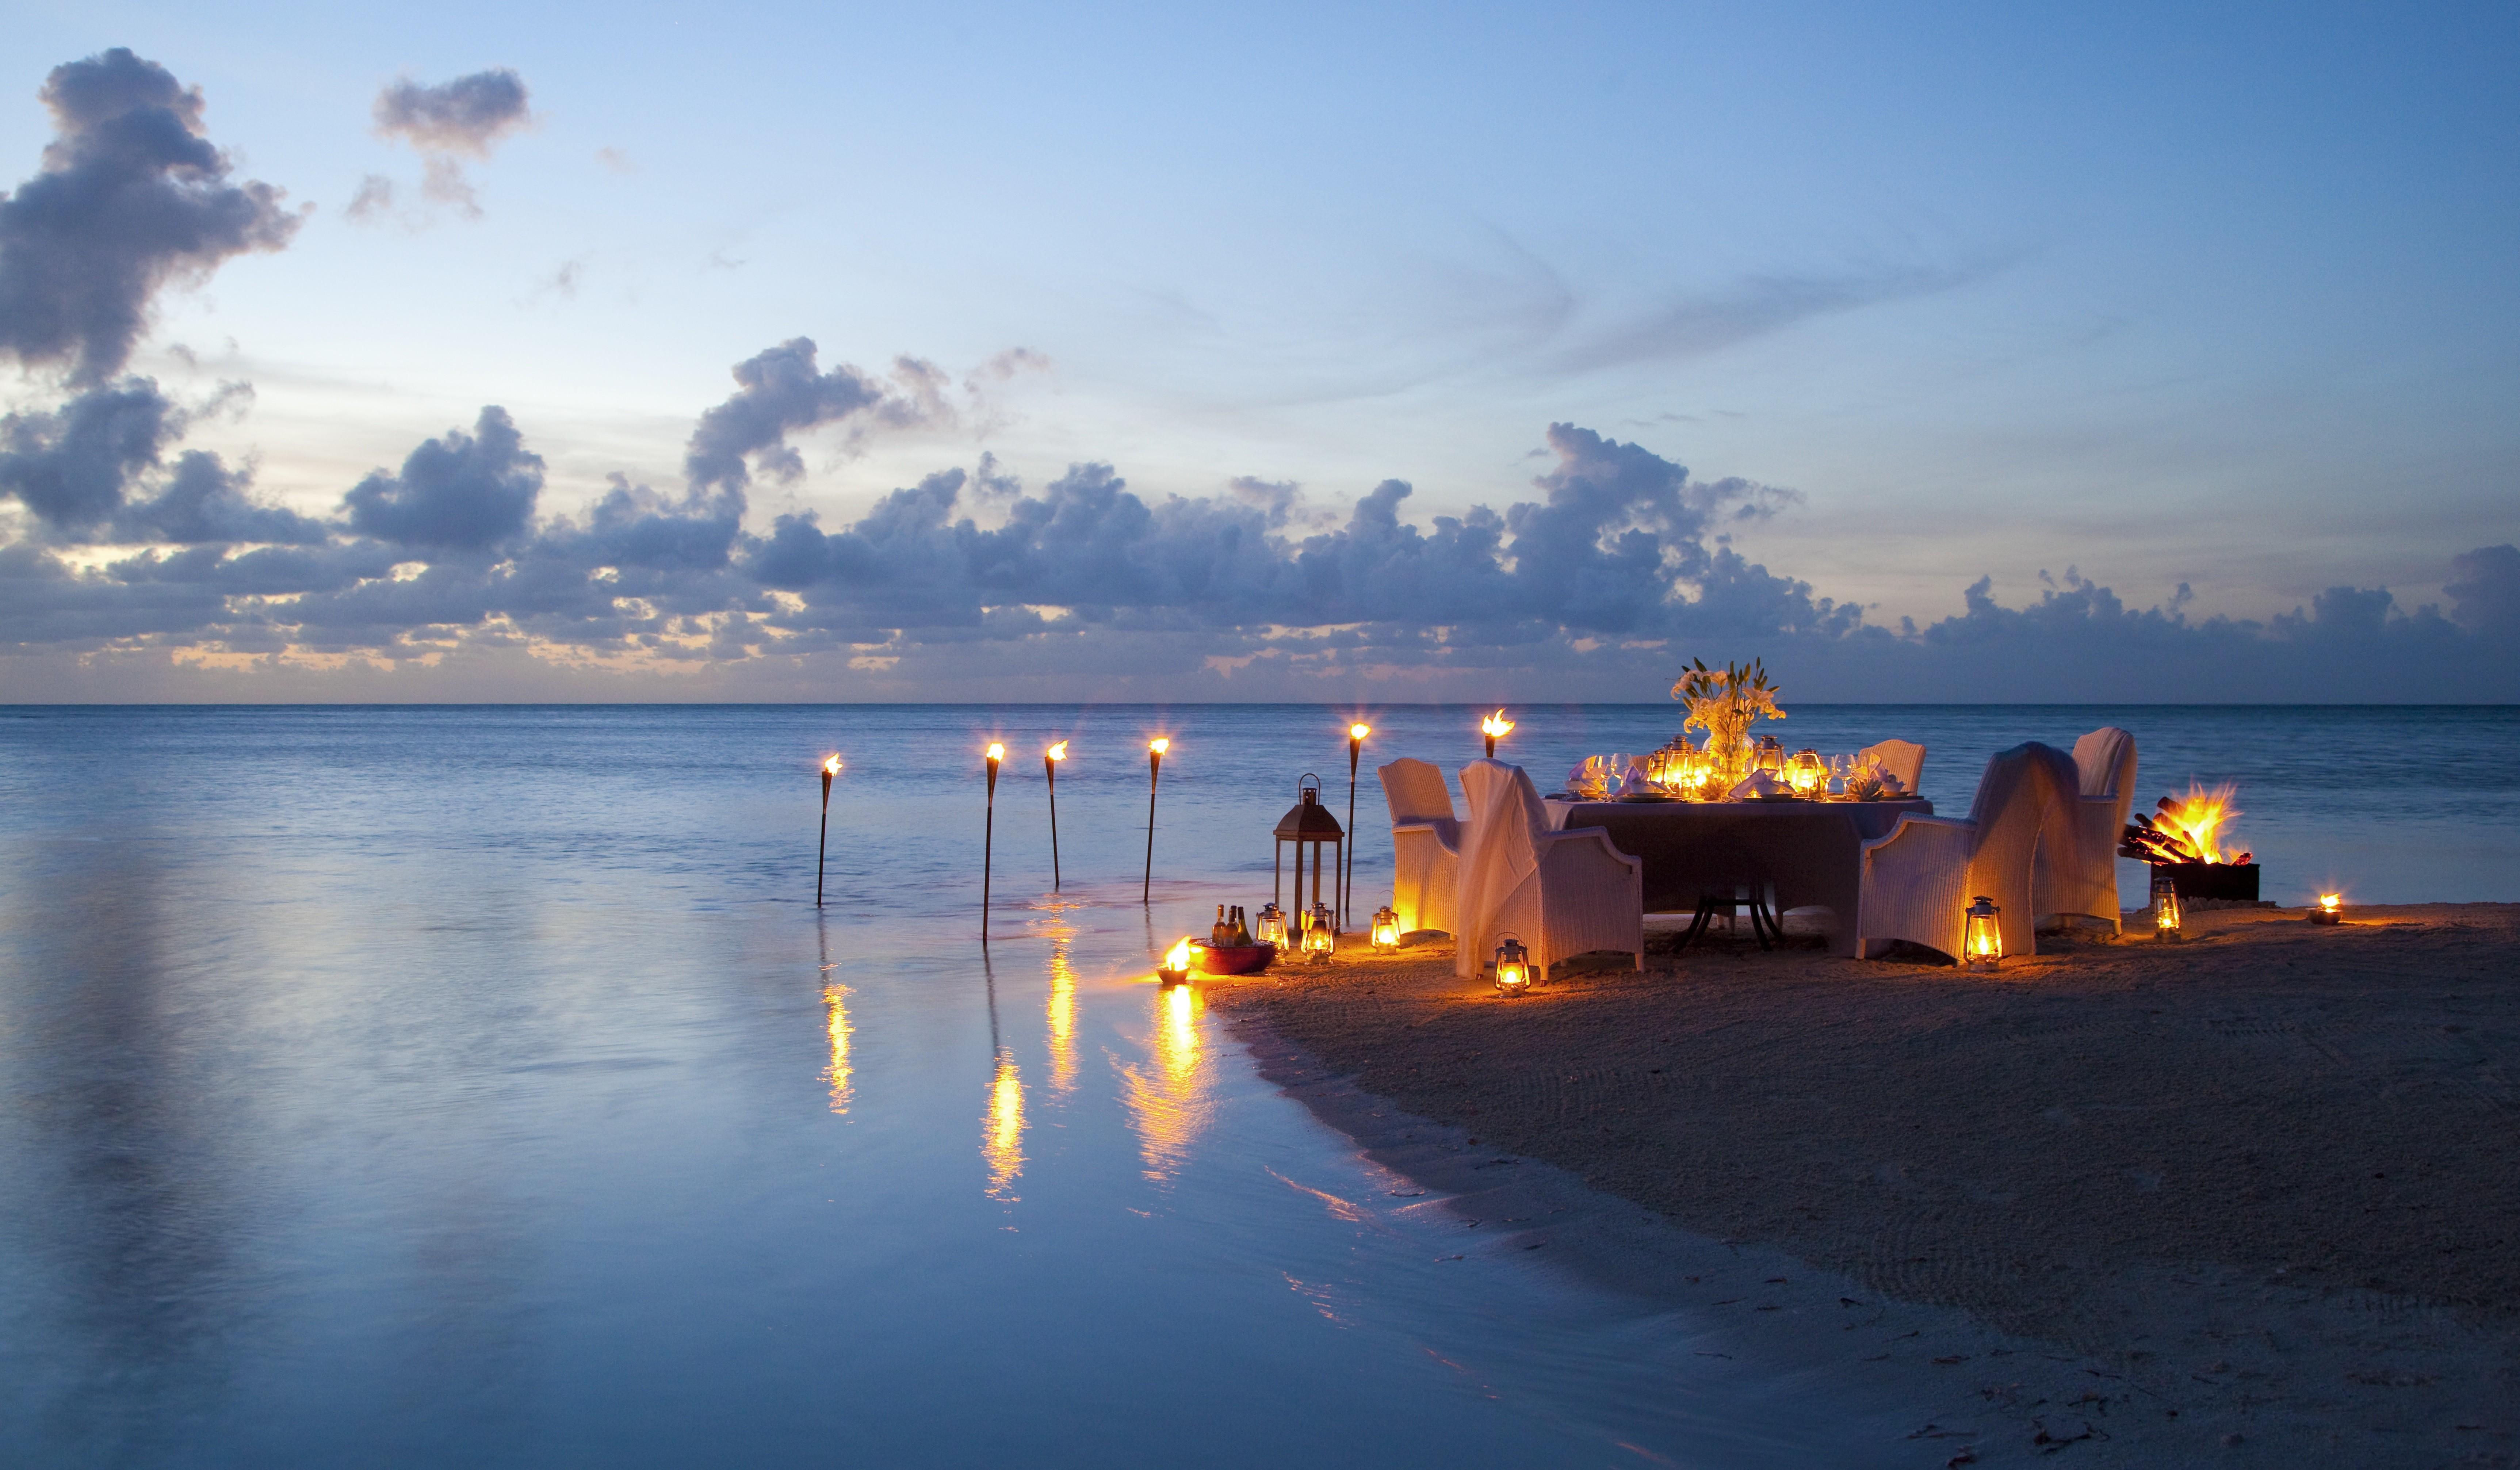 Вечер на берегу бесплатно